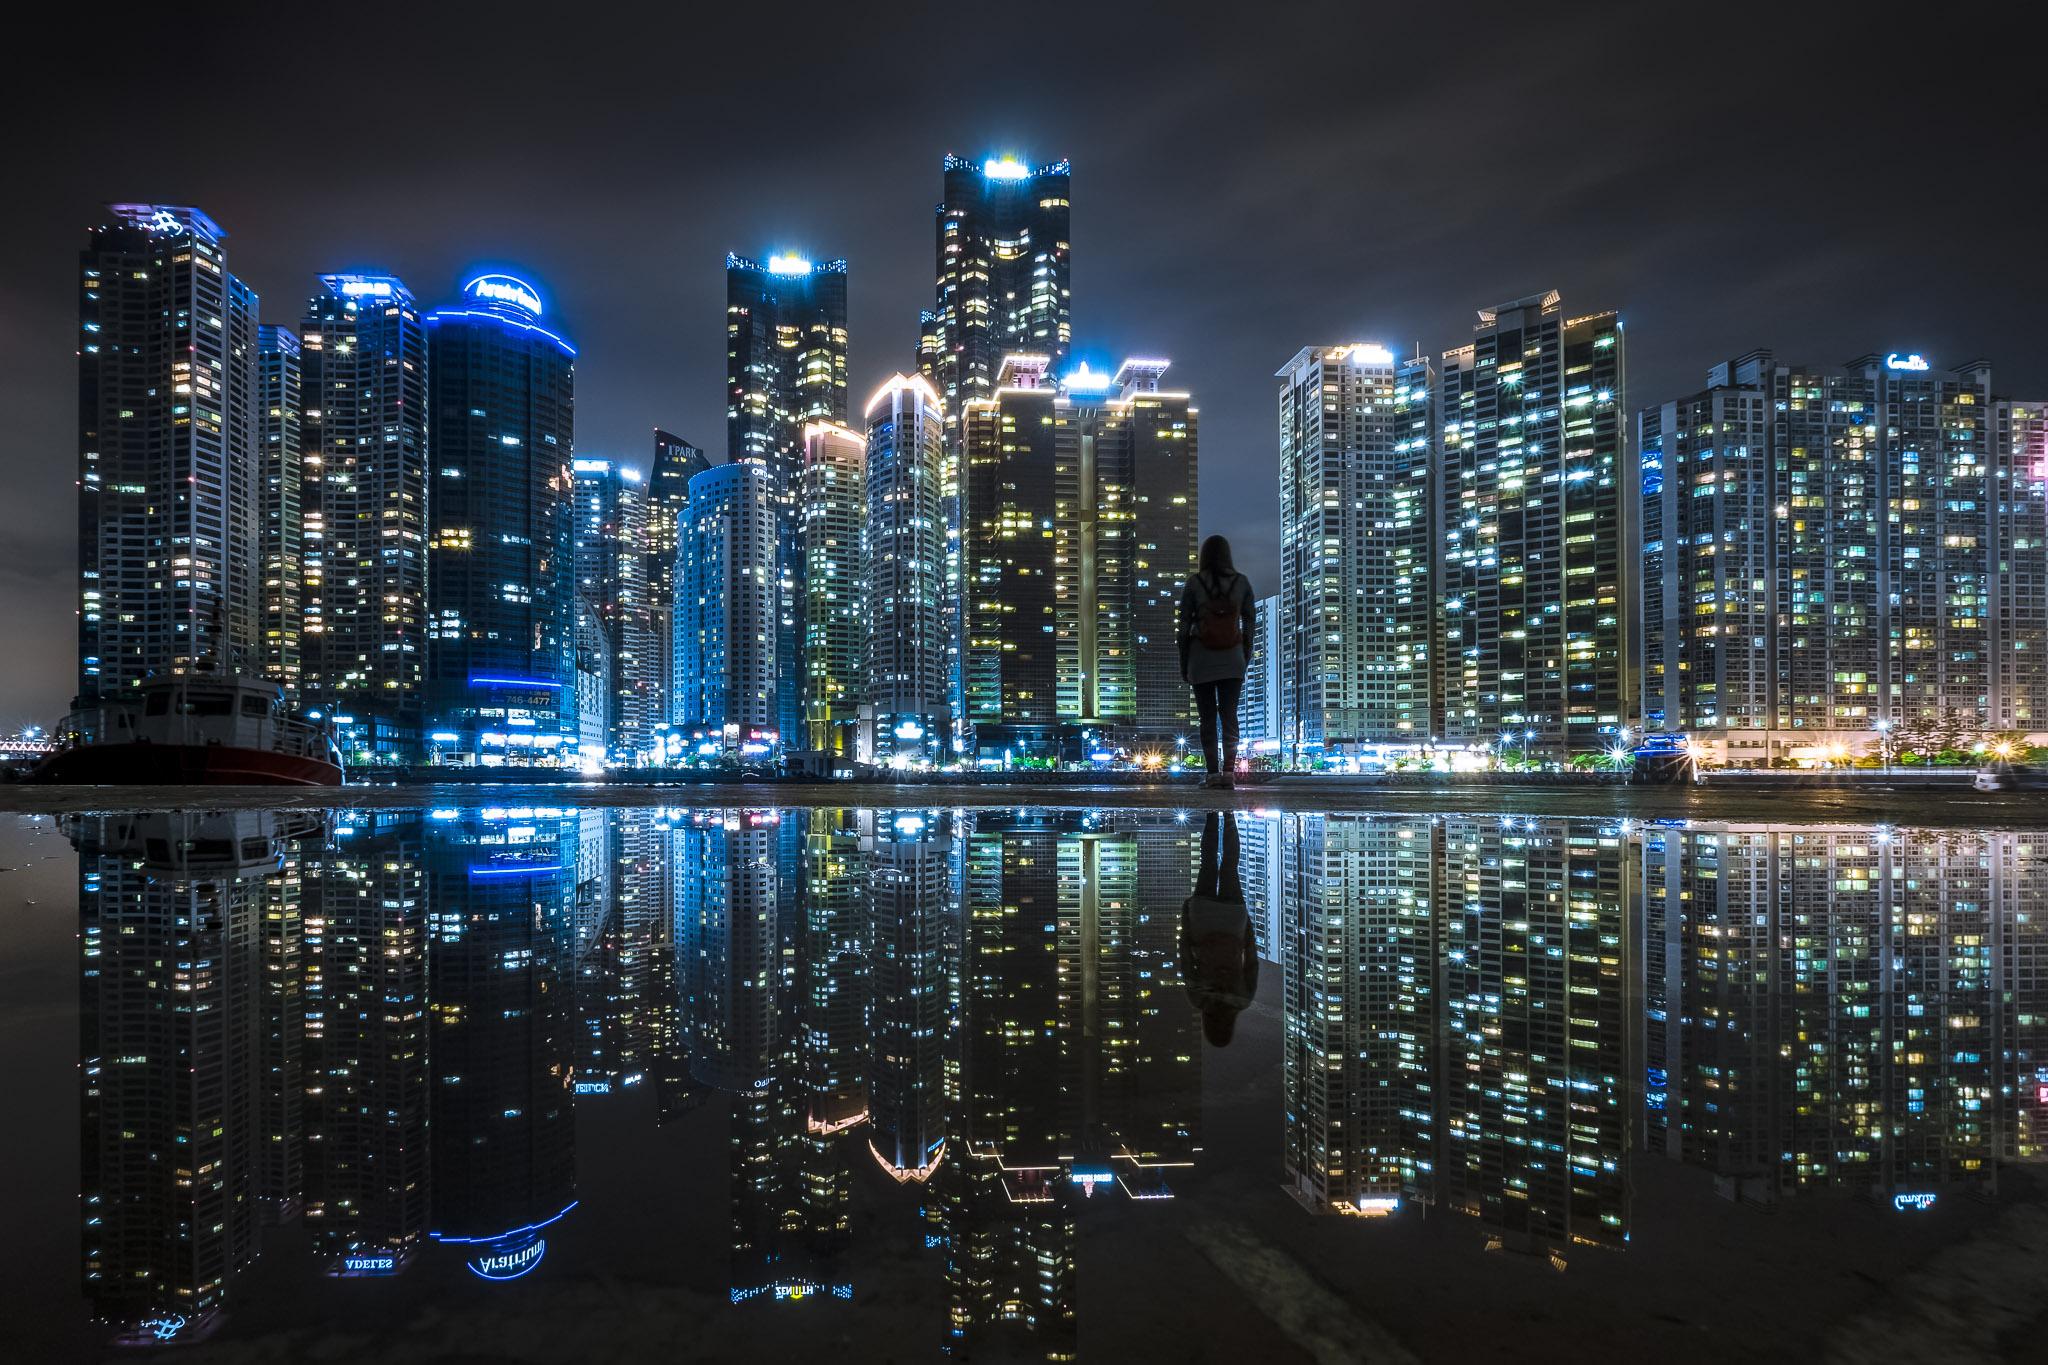 Urban Solitude (Futuristic Version)